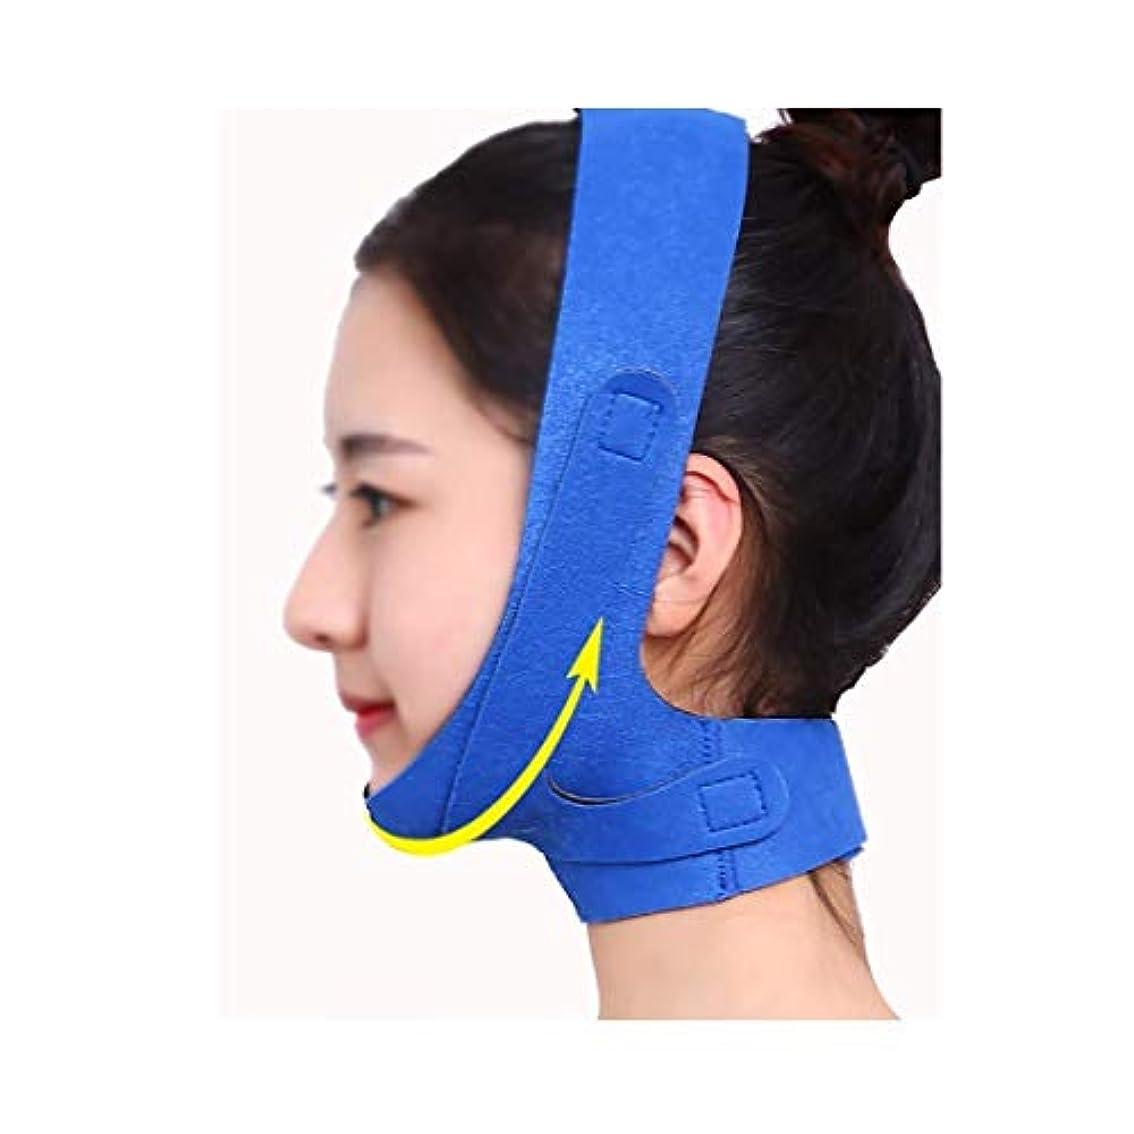 介入するジャニス知るフェイスリフトマスク、チンストラップの回復の包帯の睡眠の薄い顔の包帯の薄いフェイスマスクフェイスリフトの美のマスクの包帯の青いフェイスマスクが付いている小さいVの顔を高めるフェイスリフトのアーティファクト